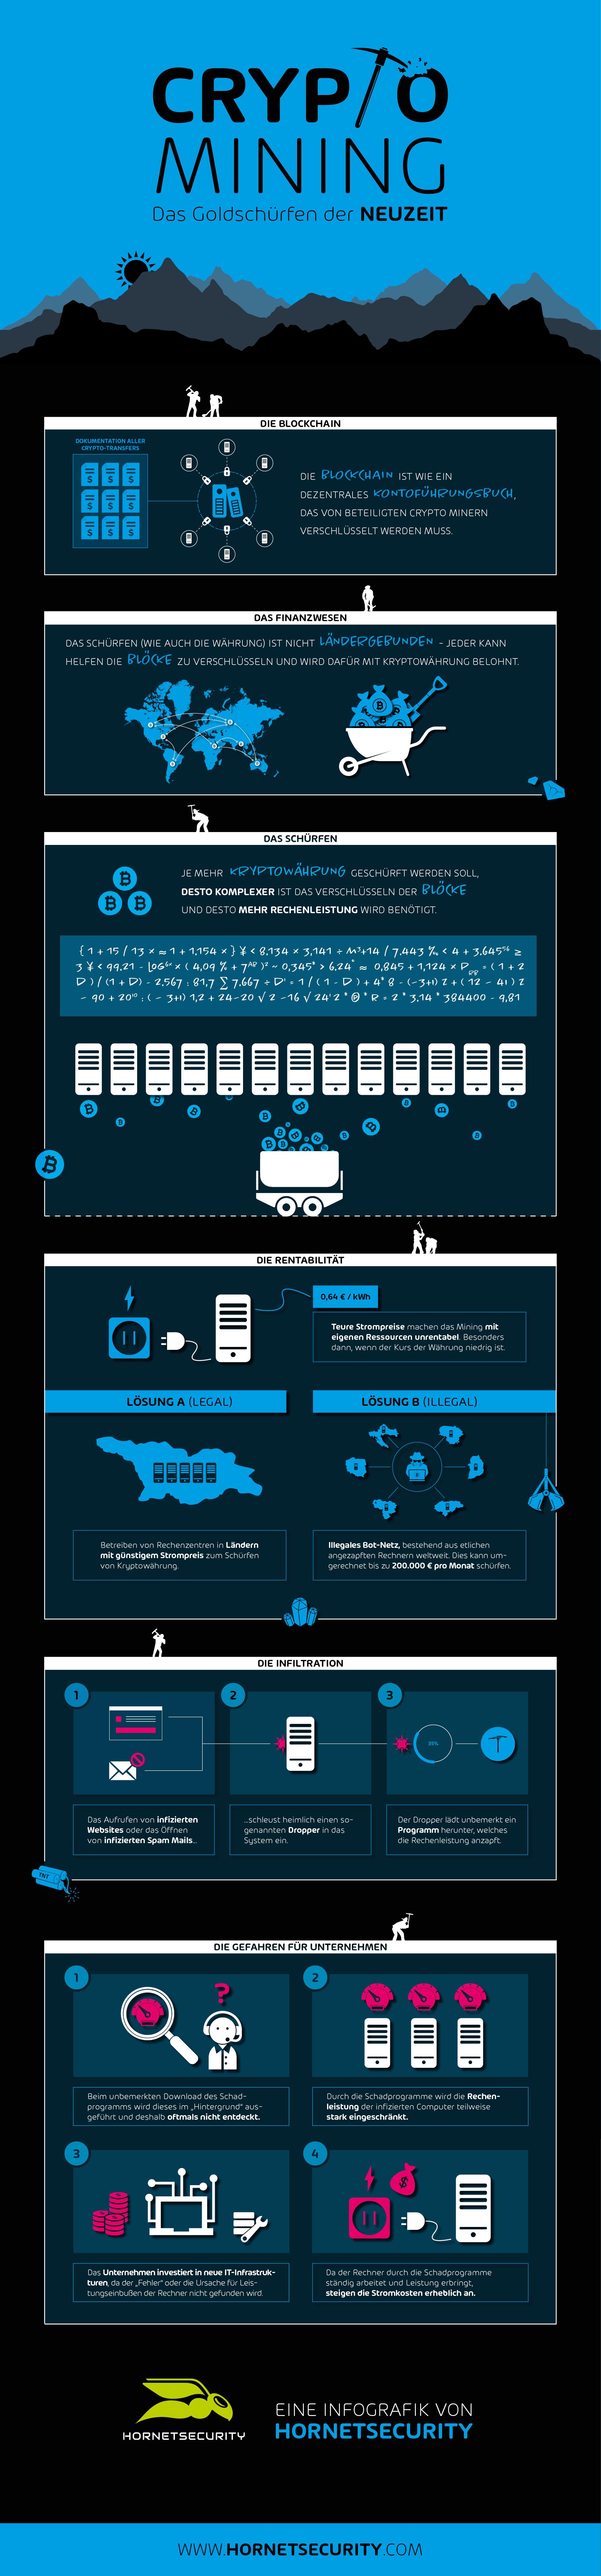 Crypto Mining - Das Goldschürfen der Neuzeit - Infografik